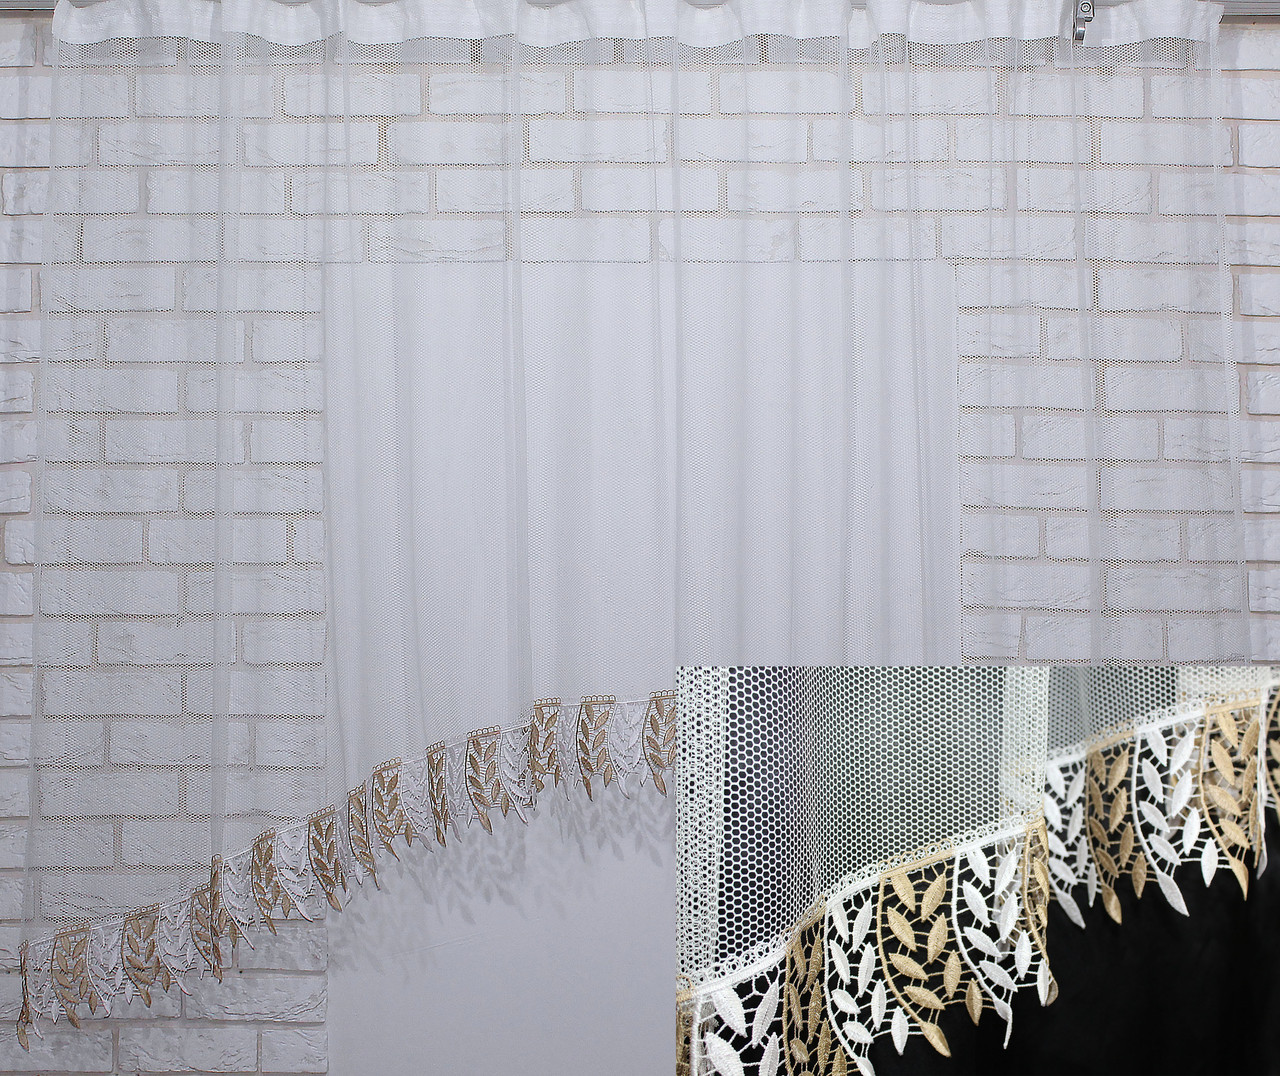 Арка грек сітка 300х150см. на кухню, балкон. З макраме. Колір молочний  000к 51-008